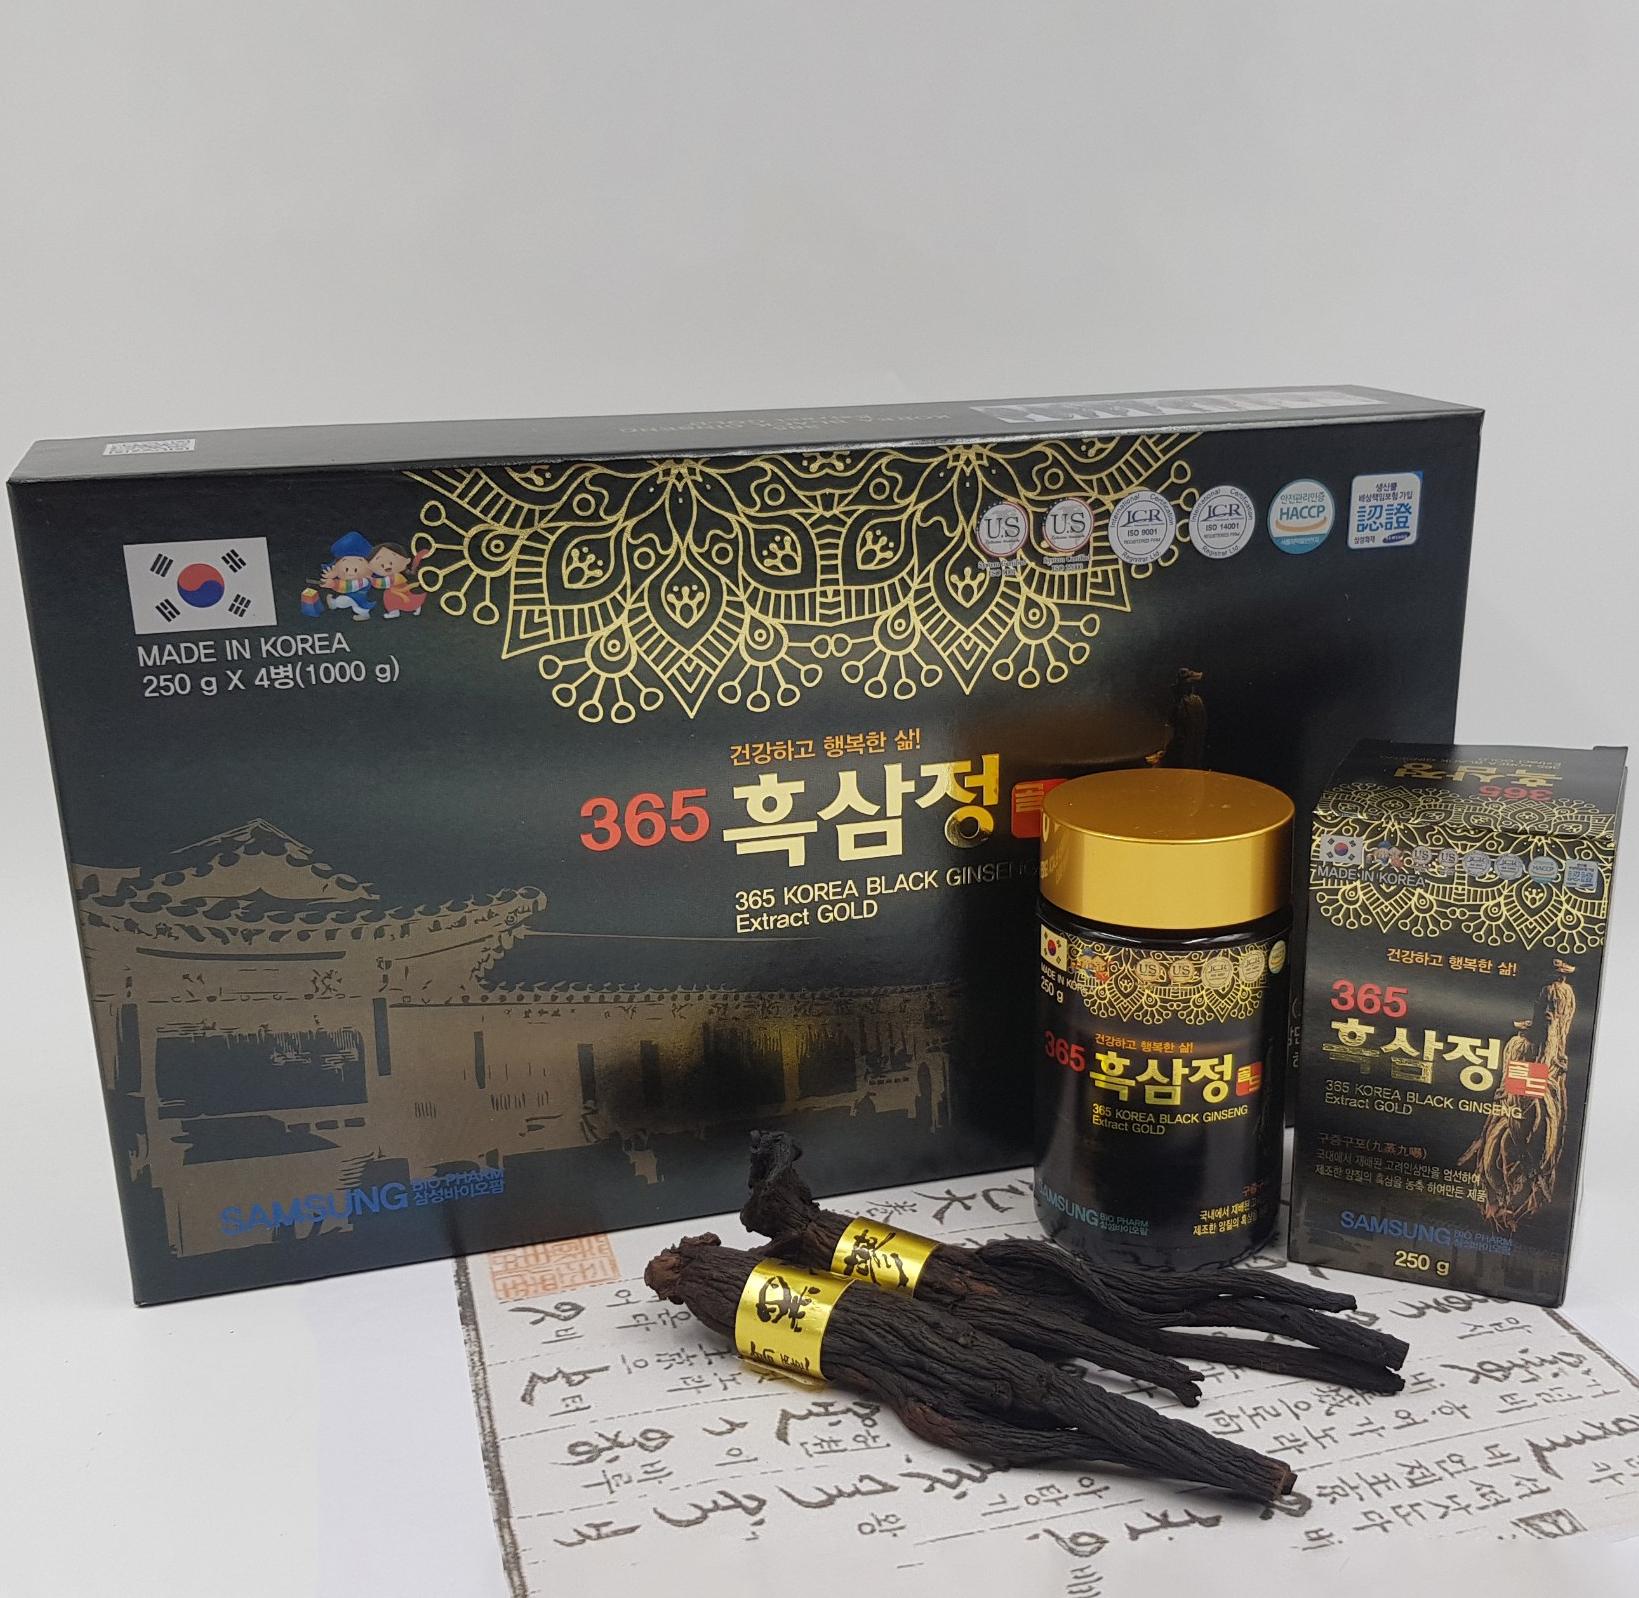 THỰC PHẨM BỔ SUNG CHIẾT XUẤT HẮC SÂM HÀN QUỐC 365 365 KOREA BLACK GINSENG EXTRACT GOLD